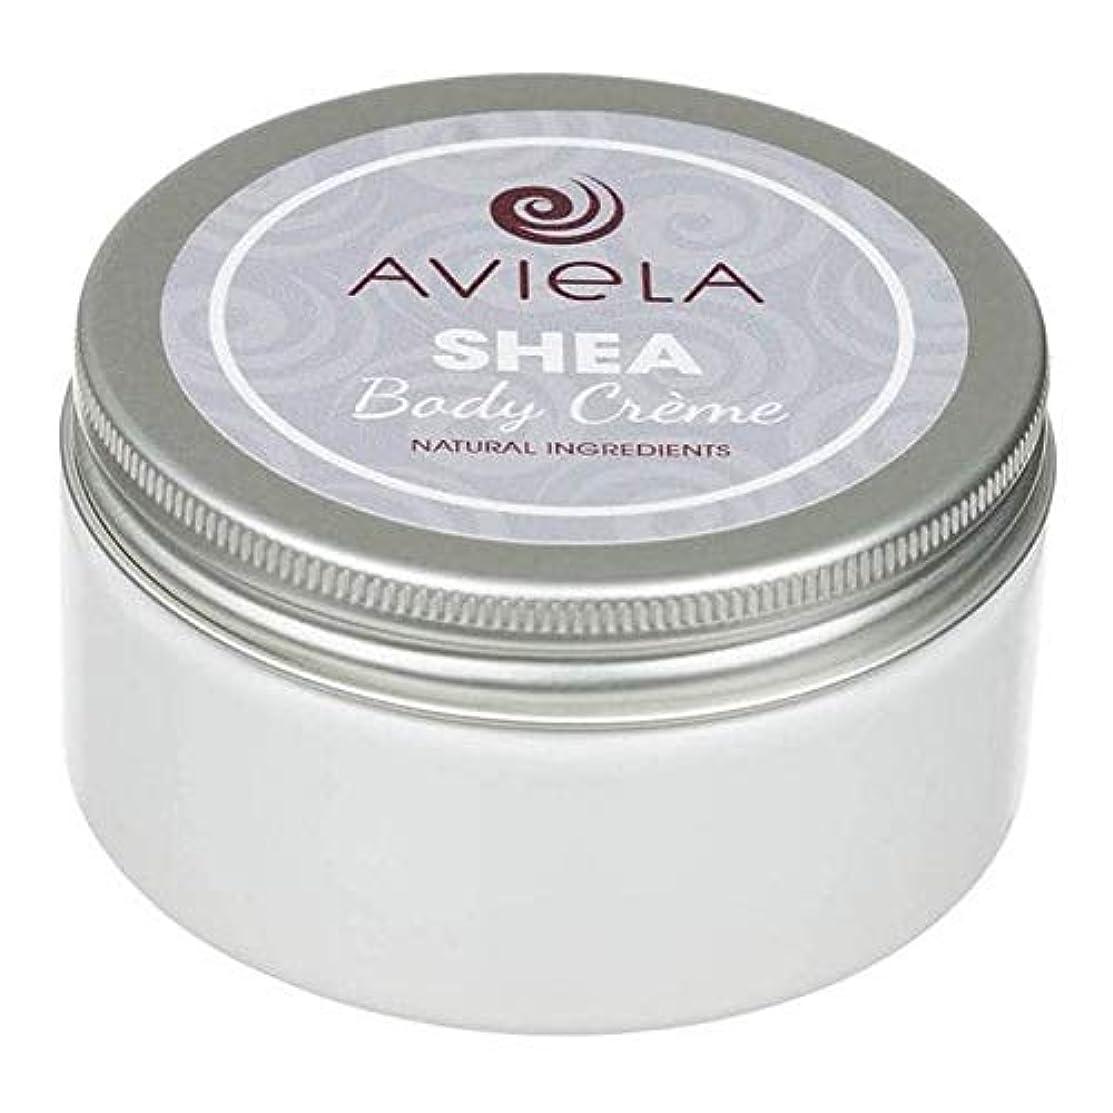 ハック抵抗高める[Aviela] Avielaシアボディクリーム200グラム - Aviela Shea Body Creme 200g [並行輸入品]